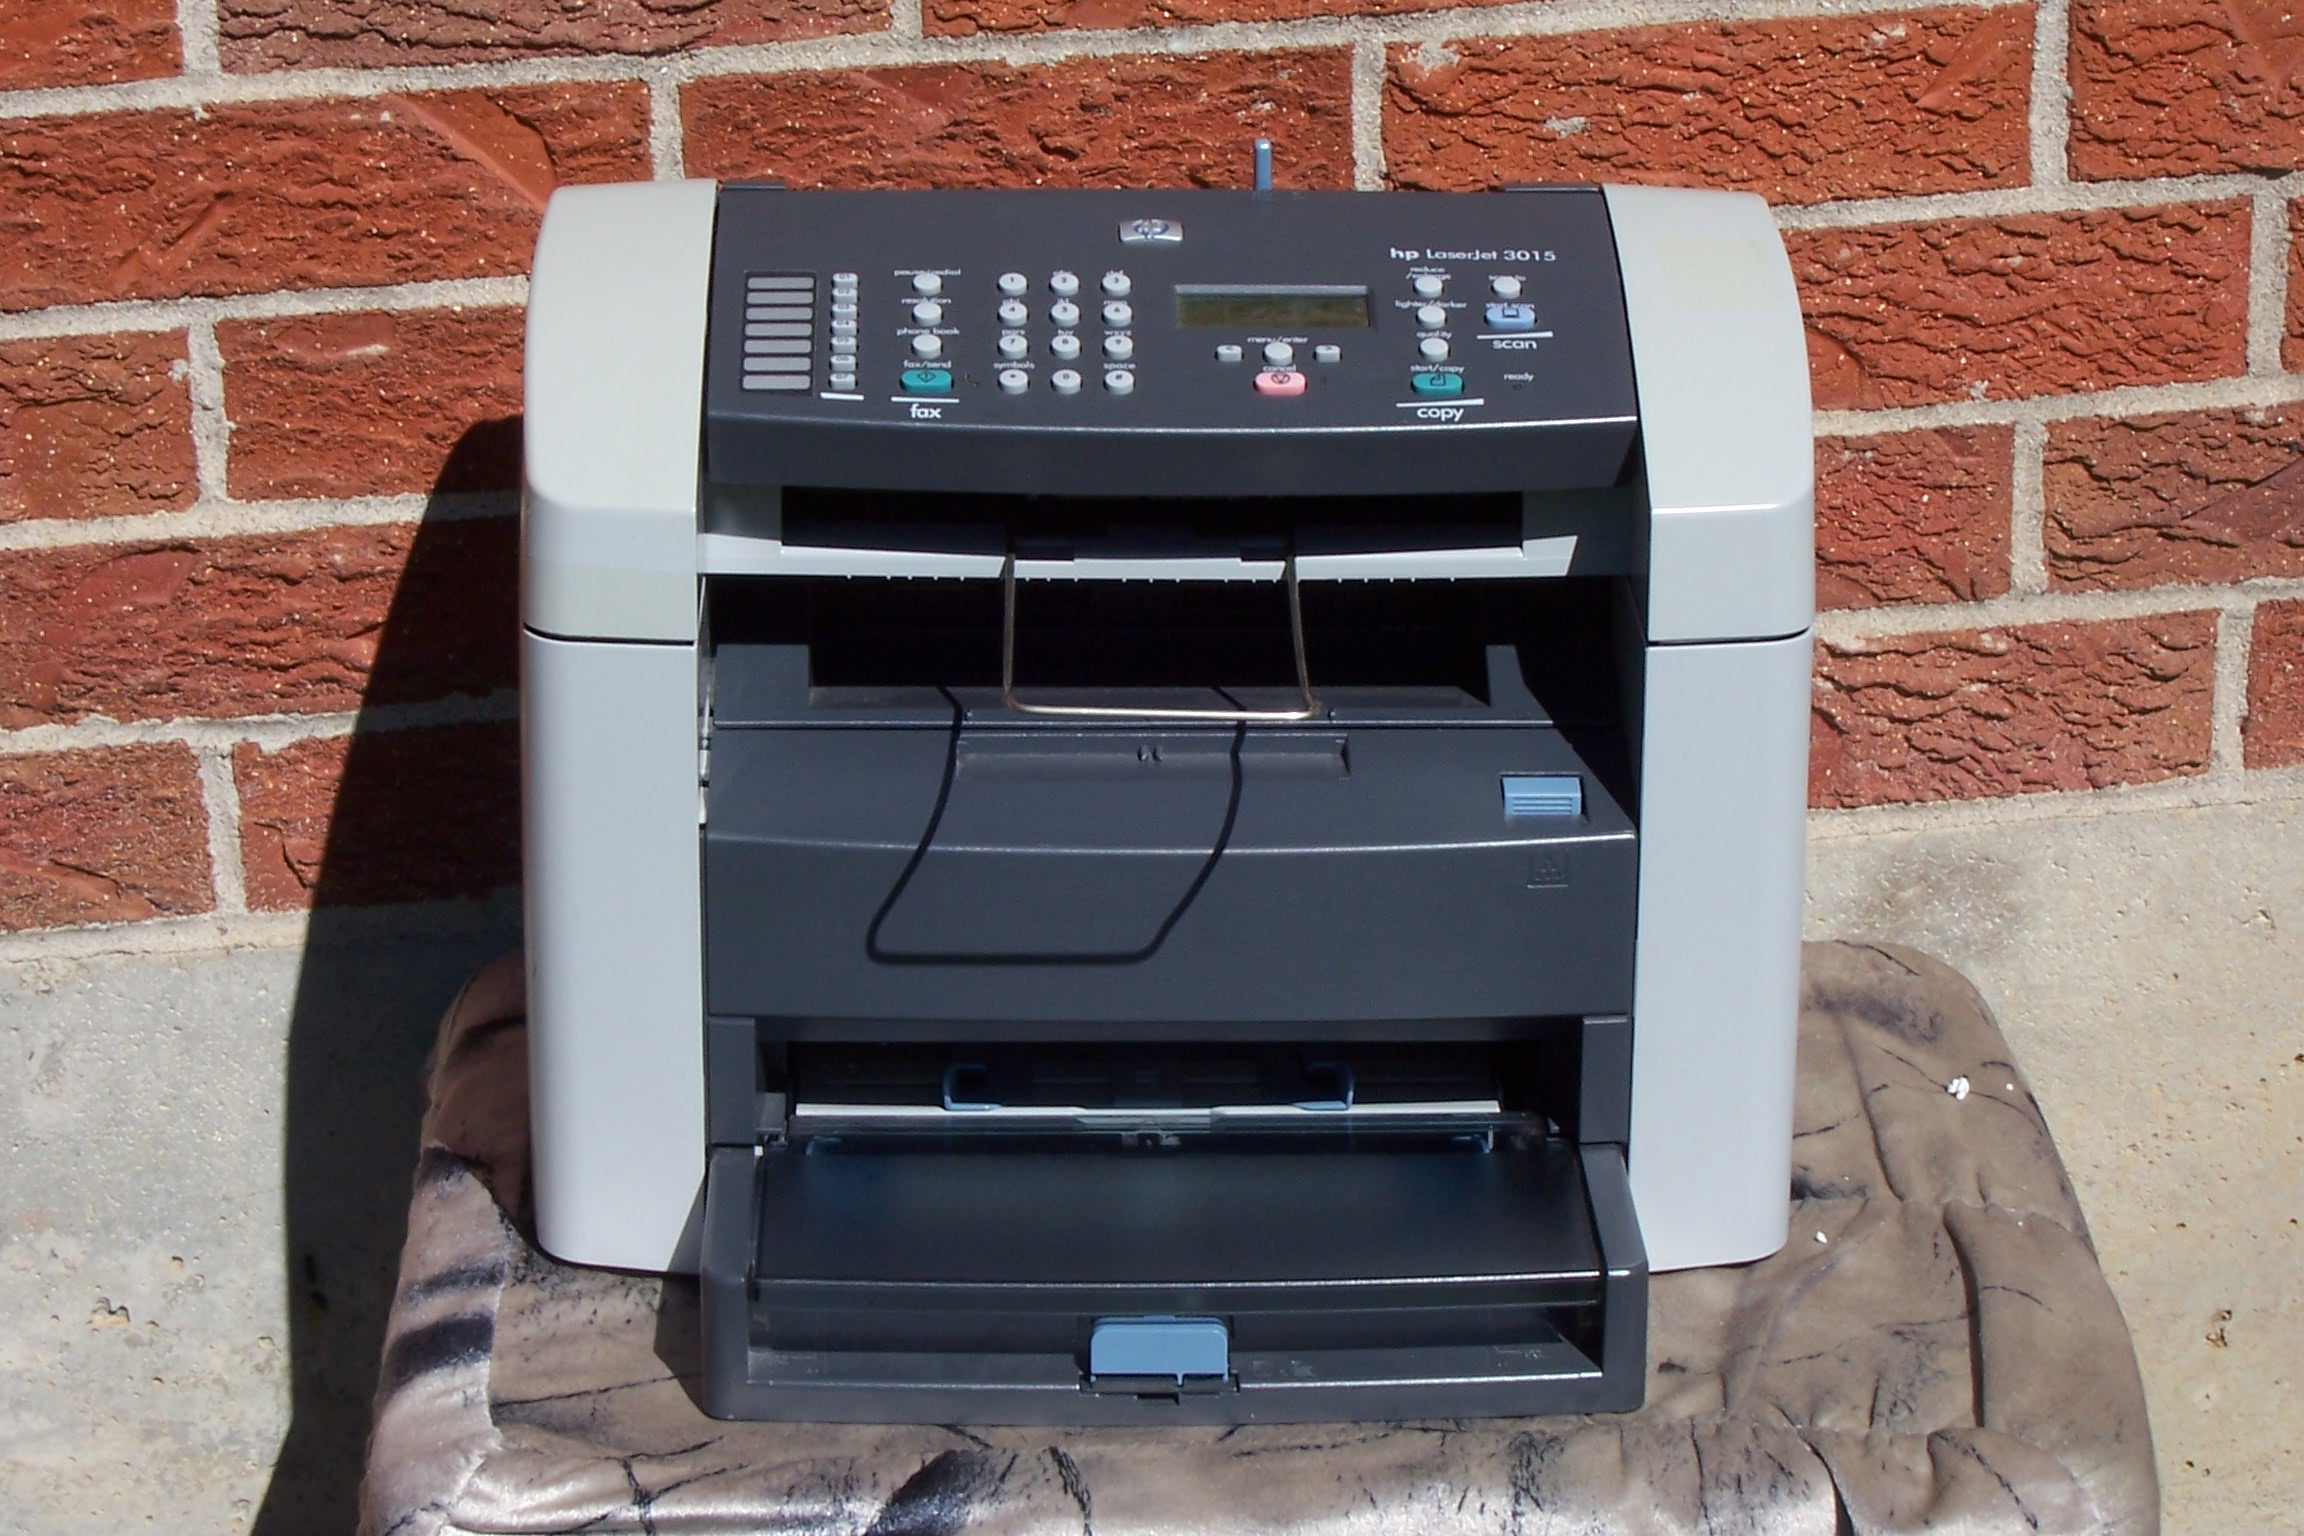 hp laserjet 3015 all in one laser printer imagine41. Black Bedroom Furniture Sets. Home Design Ideas